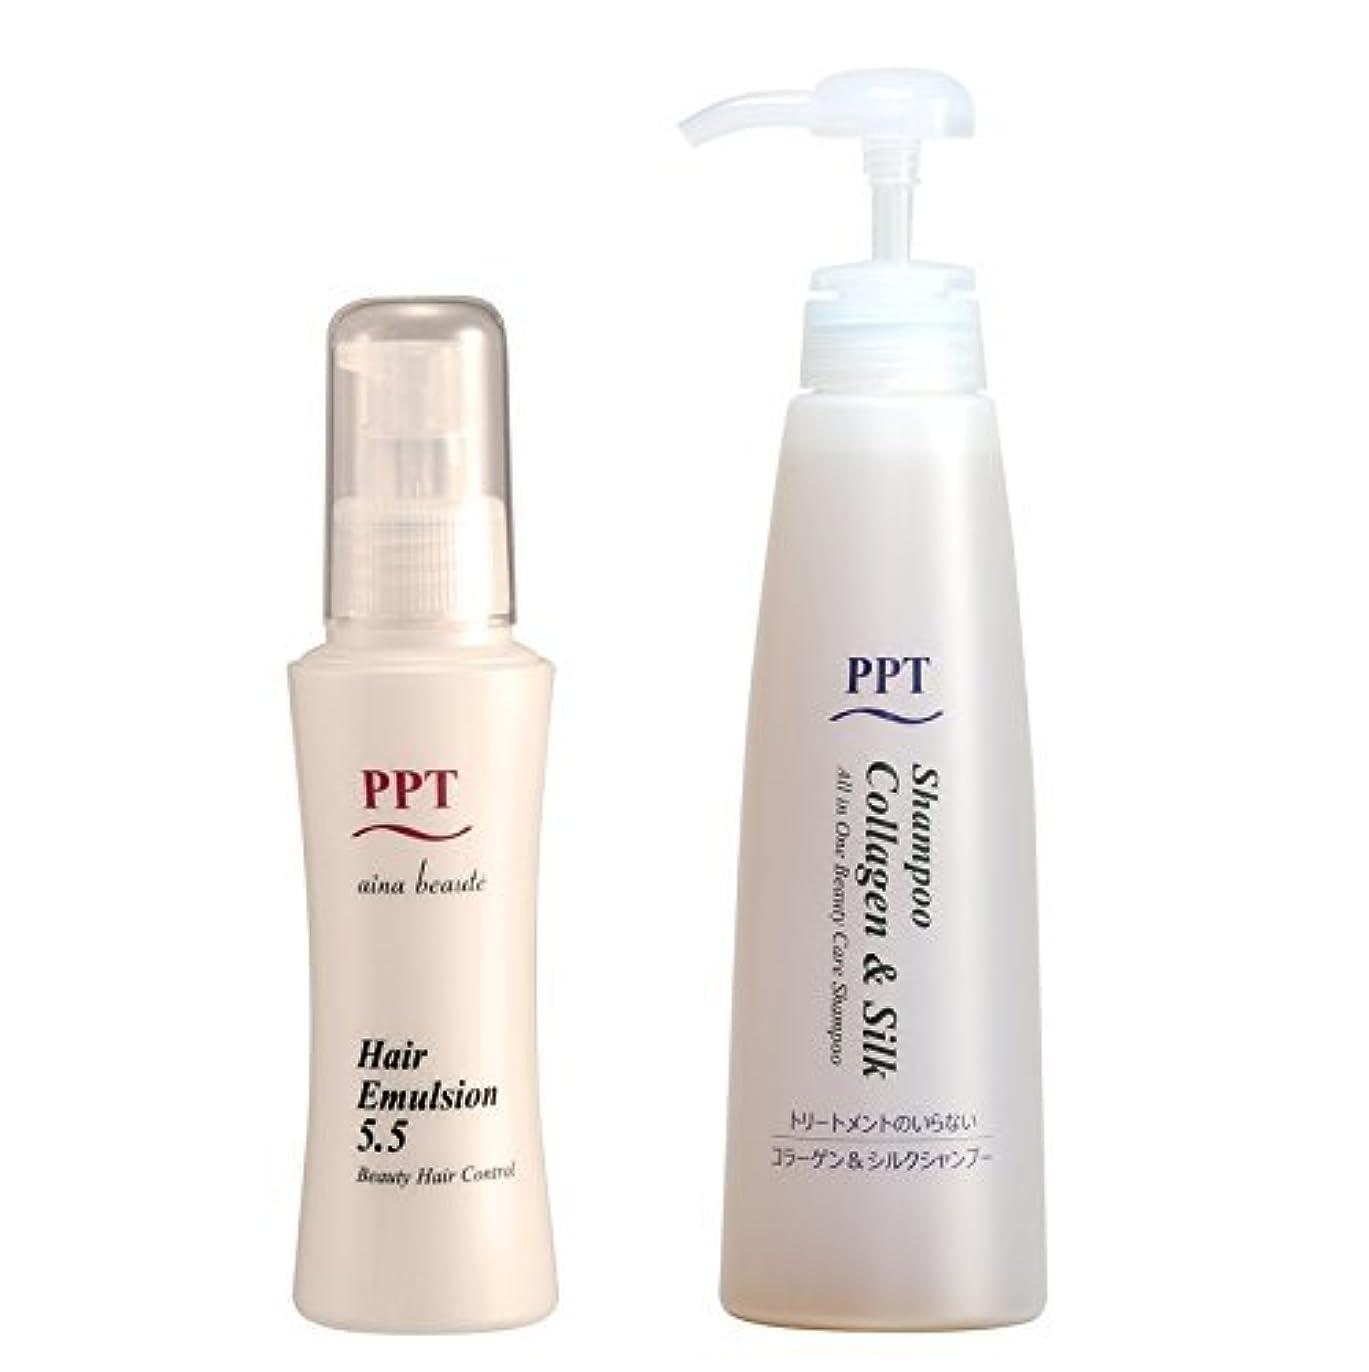 エクステントシーボード株式トリートメント不要 PPTコラーゲン&シルクシャンプー脂性肌~普通肌用(ふんわり)、PPTヘアエマルジョン5.5セット